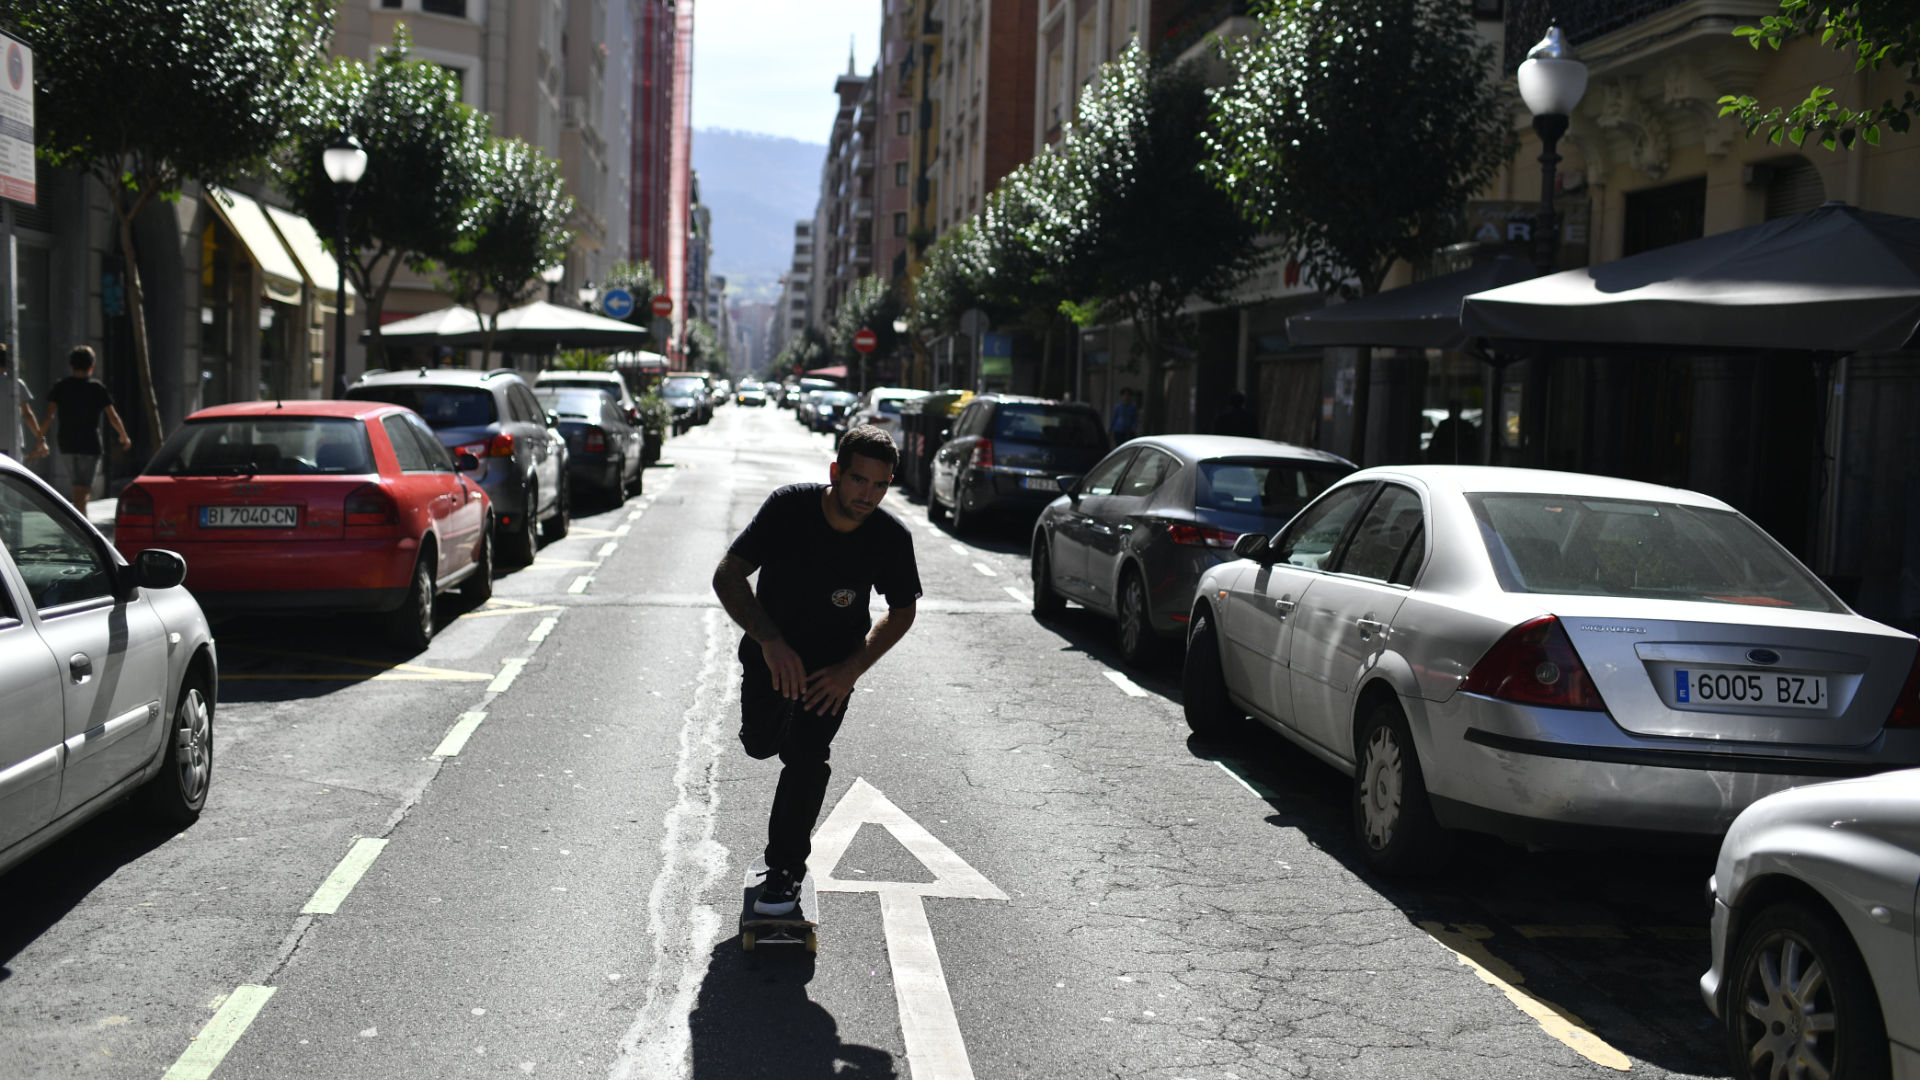 Skateboarden auf den spanischen Straßen mit weichen Rollen